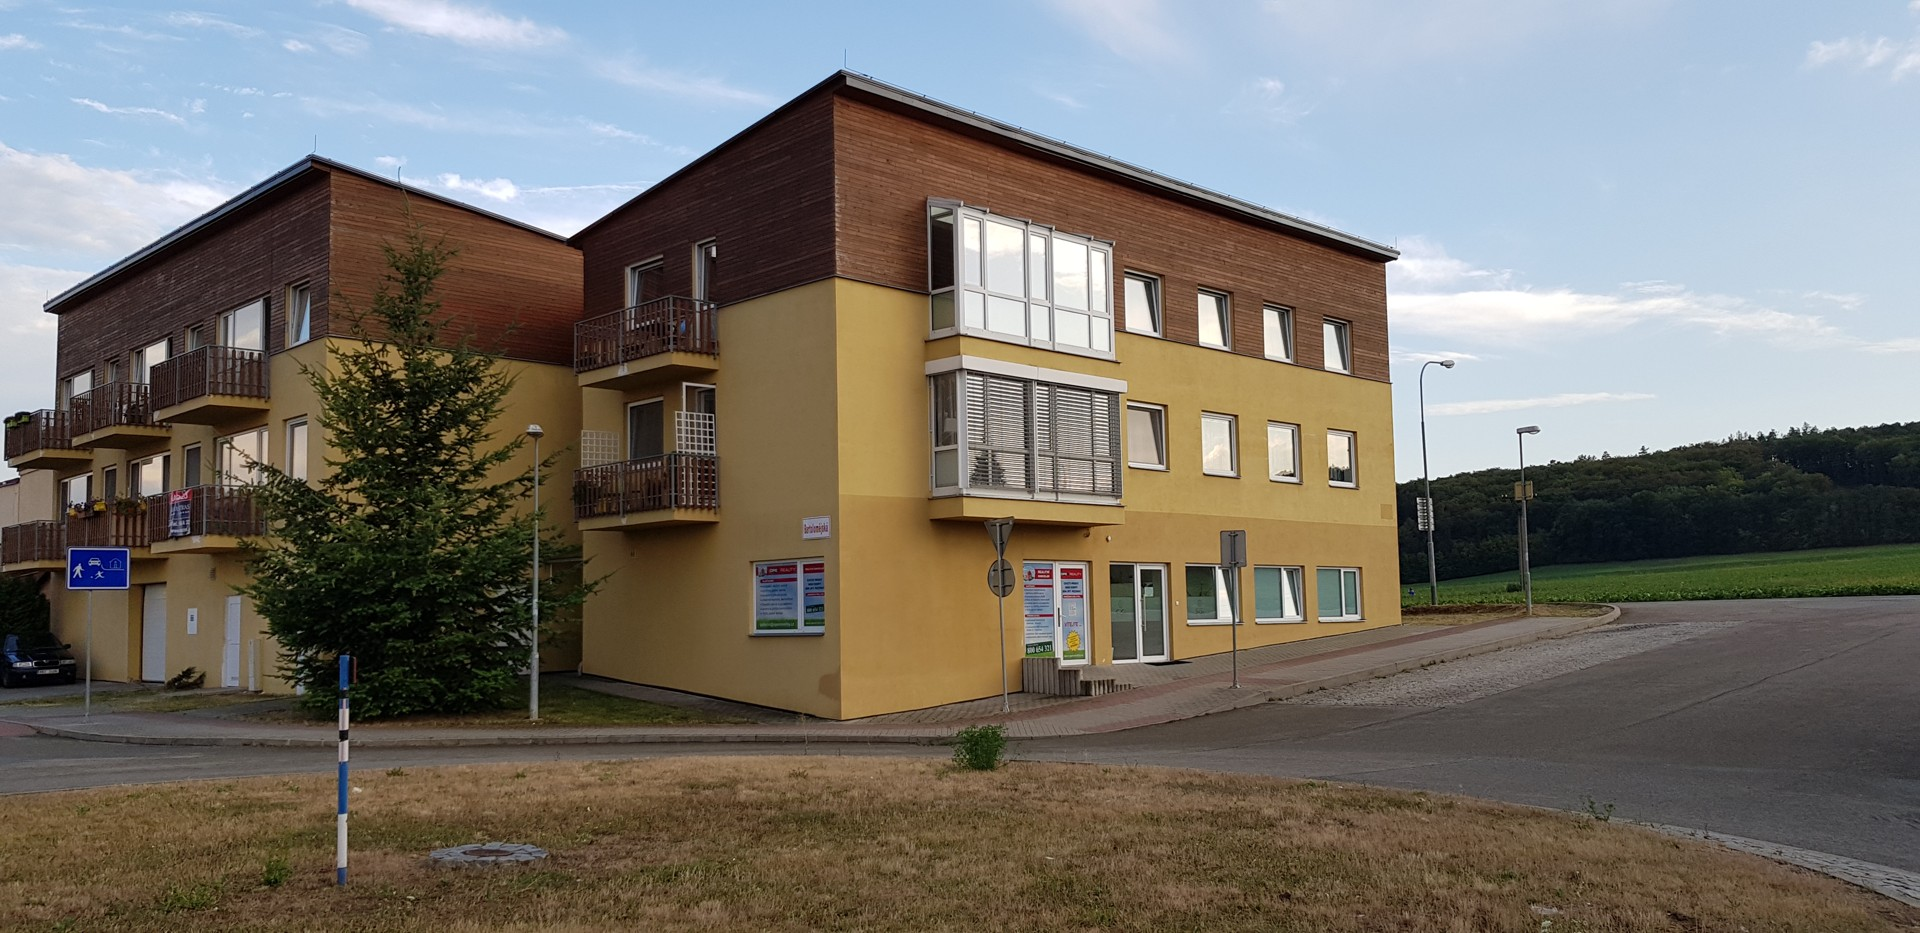 OPENREALITY Brno-Žebětín